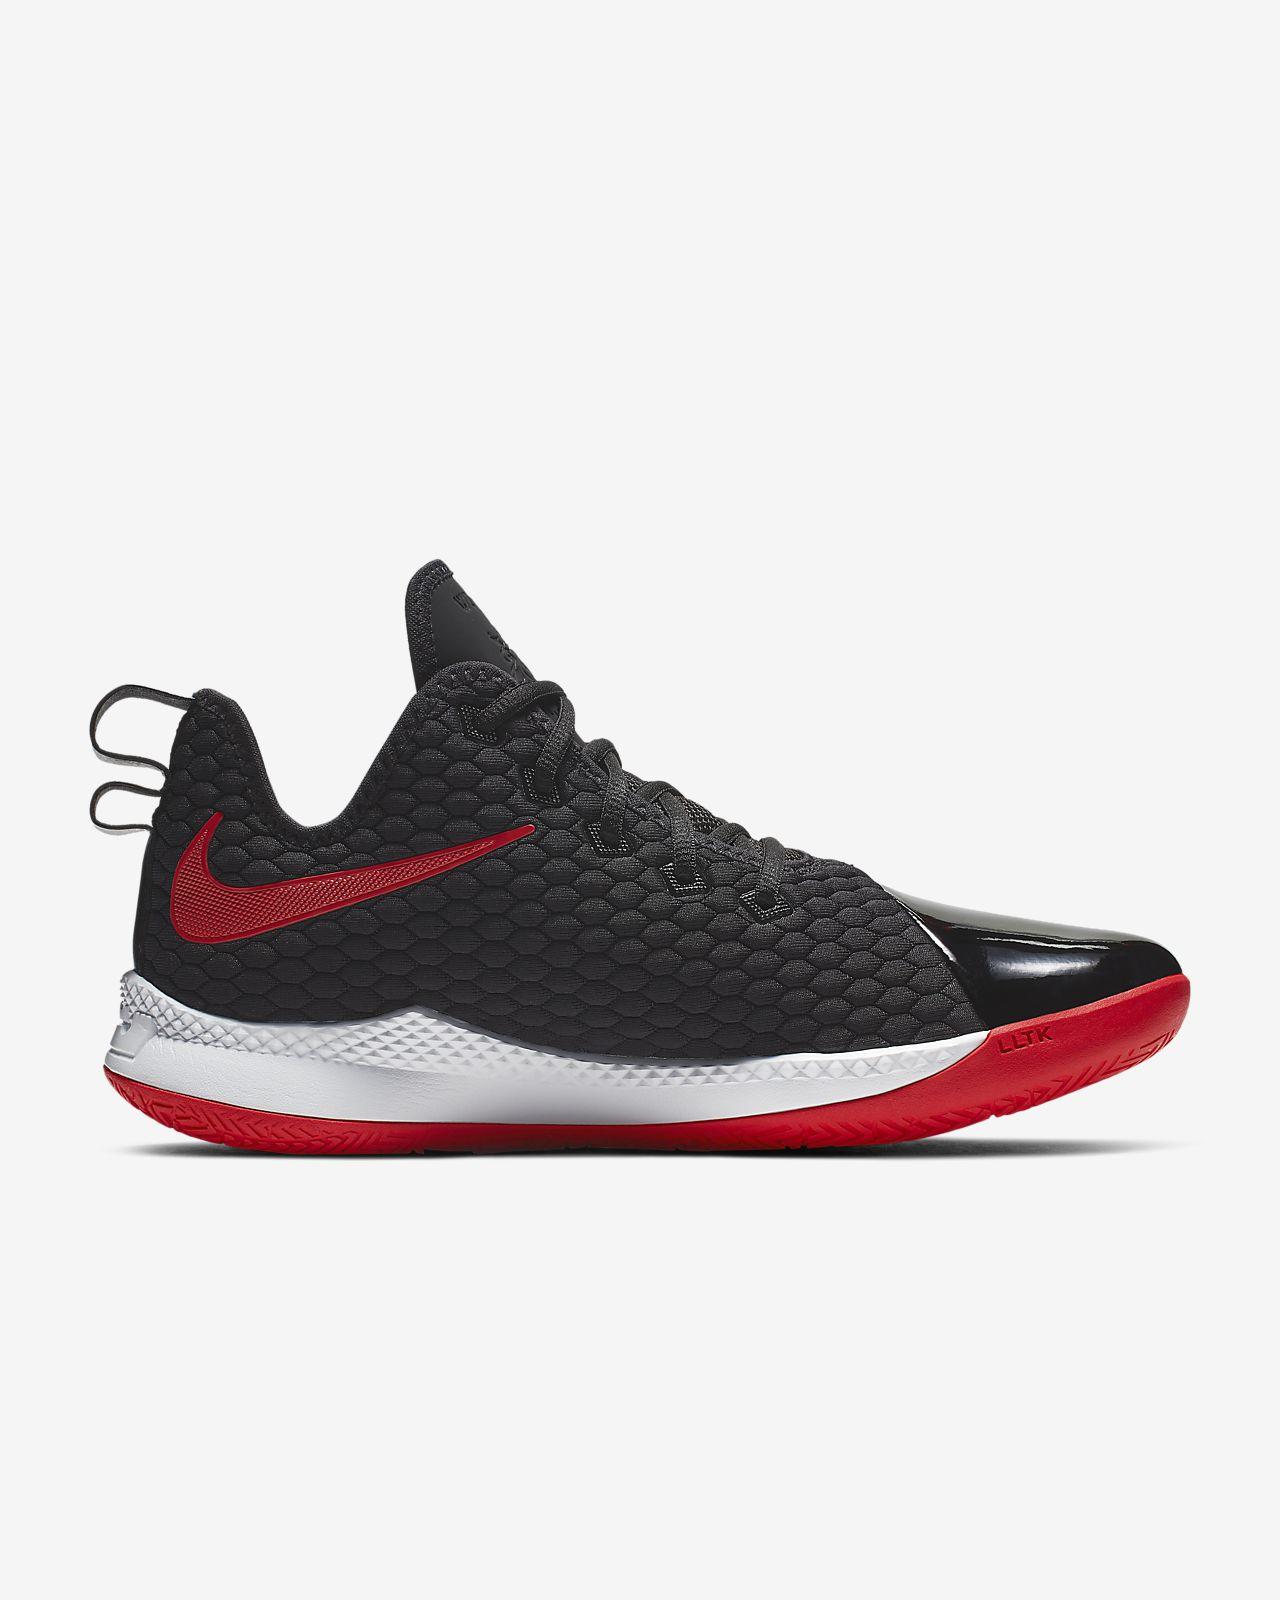 1278a32d Баскетбольные кроссовки LeBron Witness III PRM. Nike.com RU